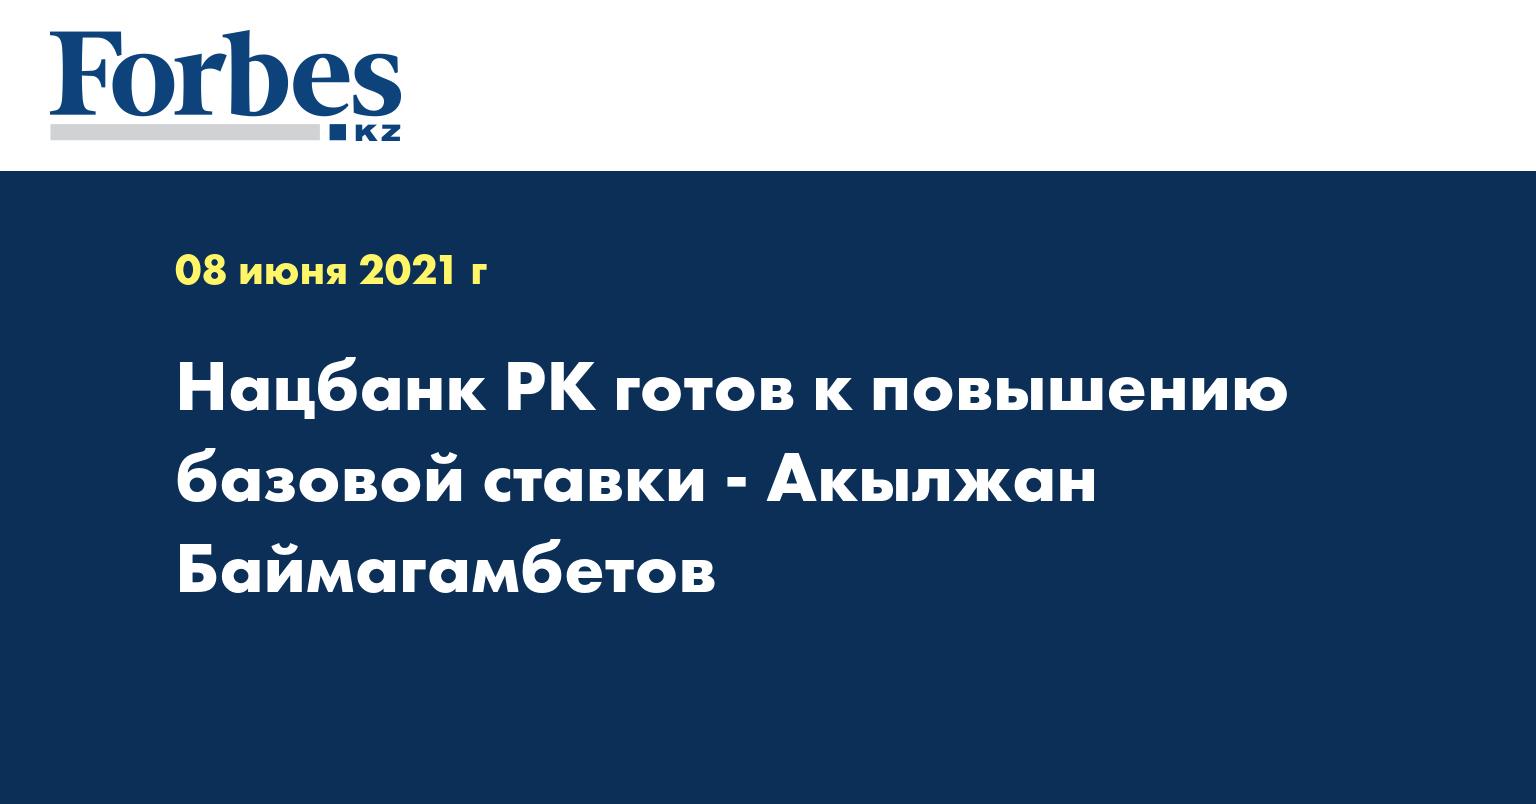 Нацбанк РК готов к повышению базовой ставки - Акылжан Баймагамбетов